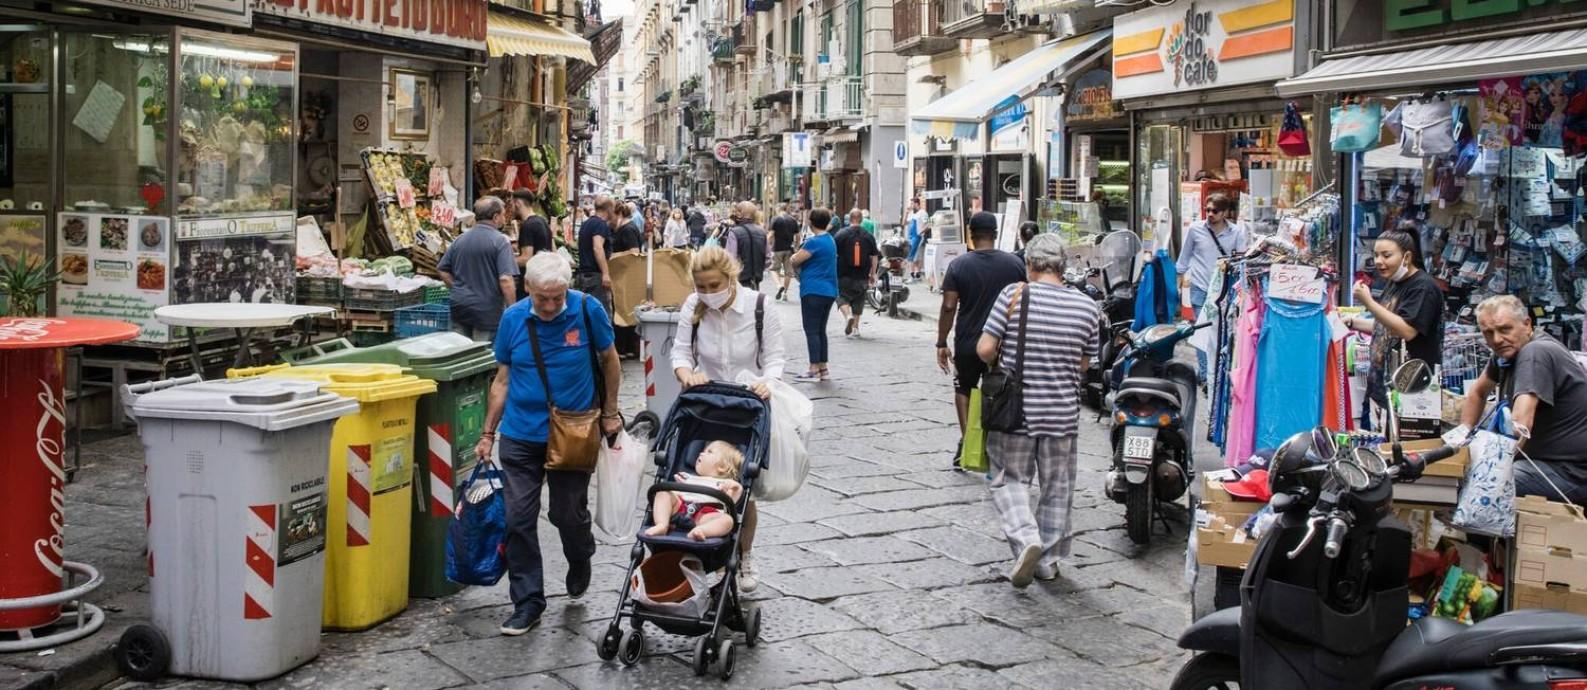 Italianos caminham por Nápoles, em 19 de junho Foto: Gianni Cipriano / New York Times